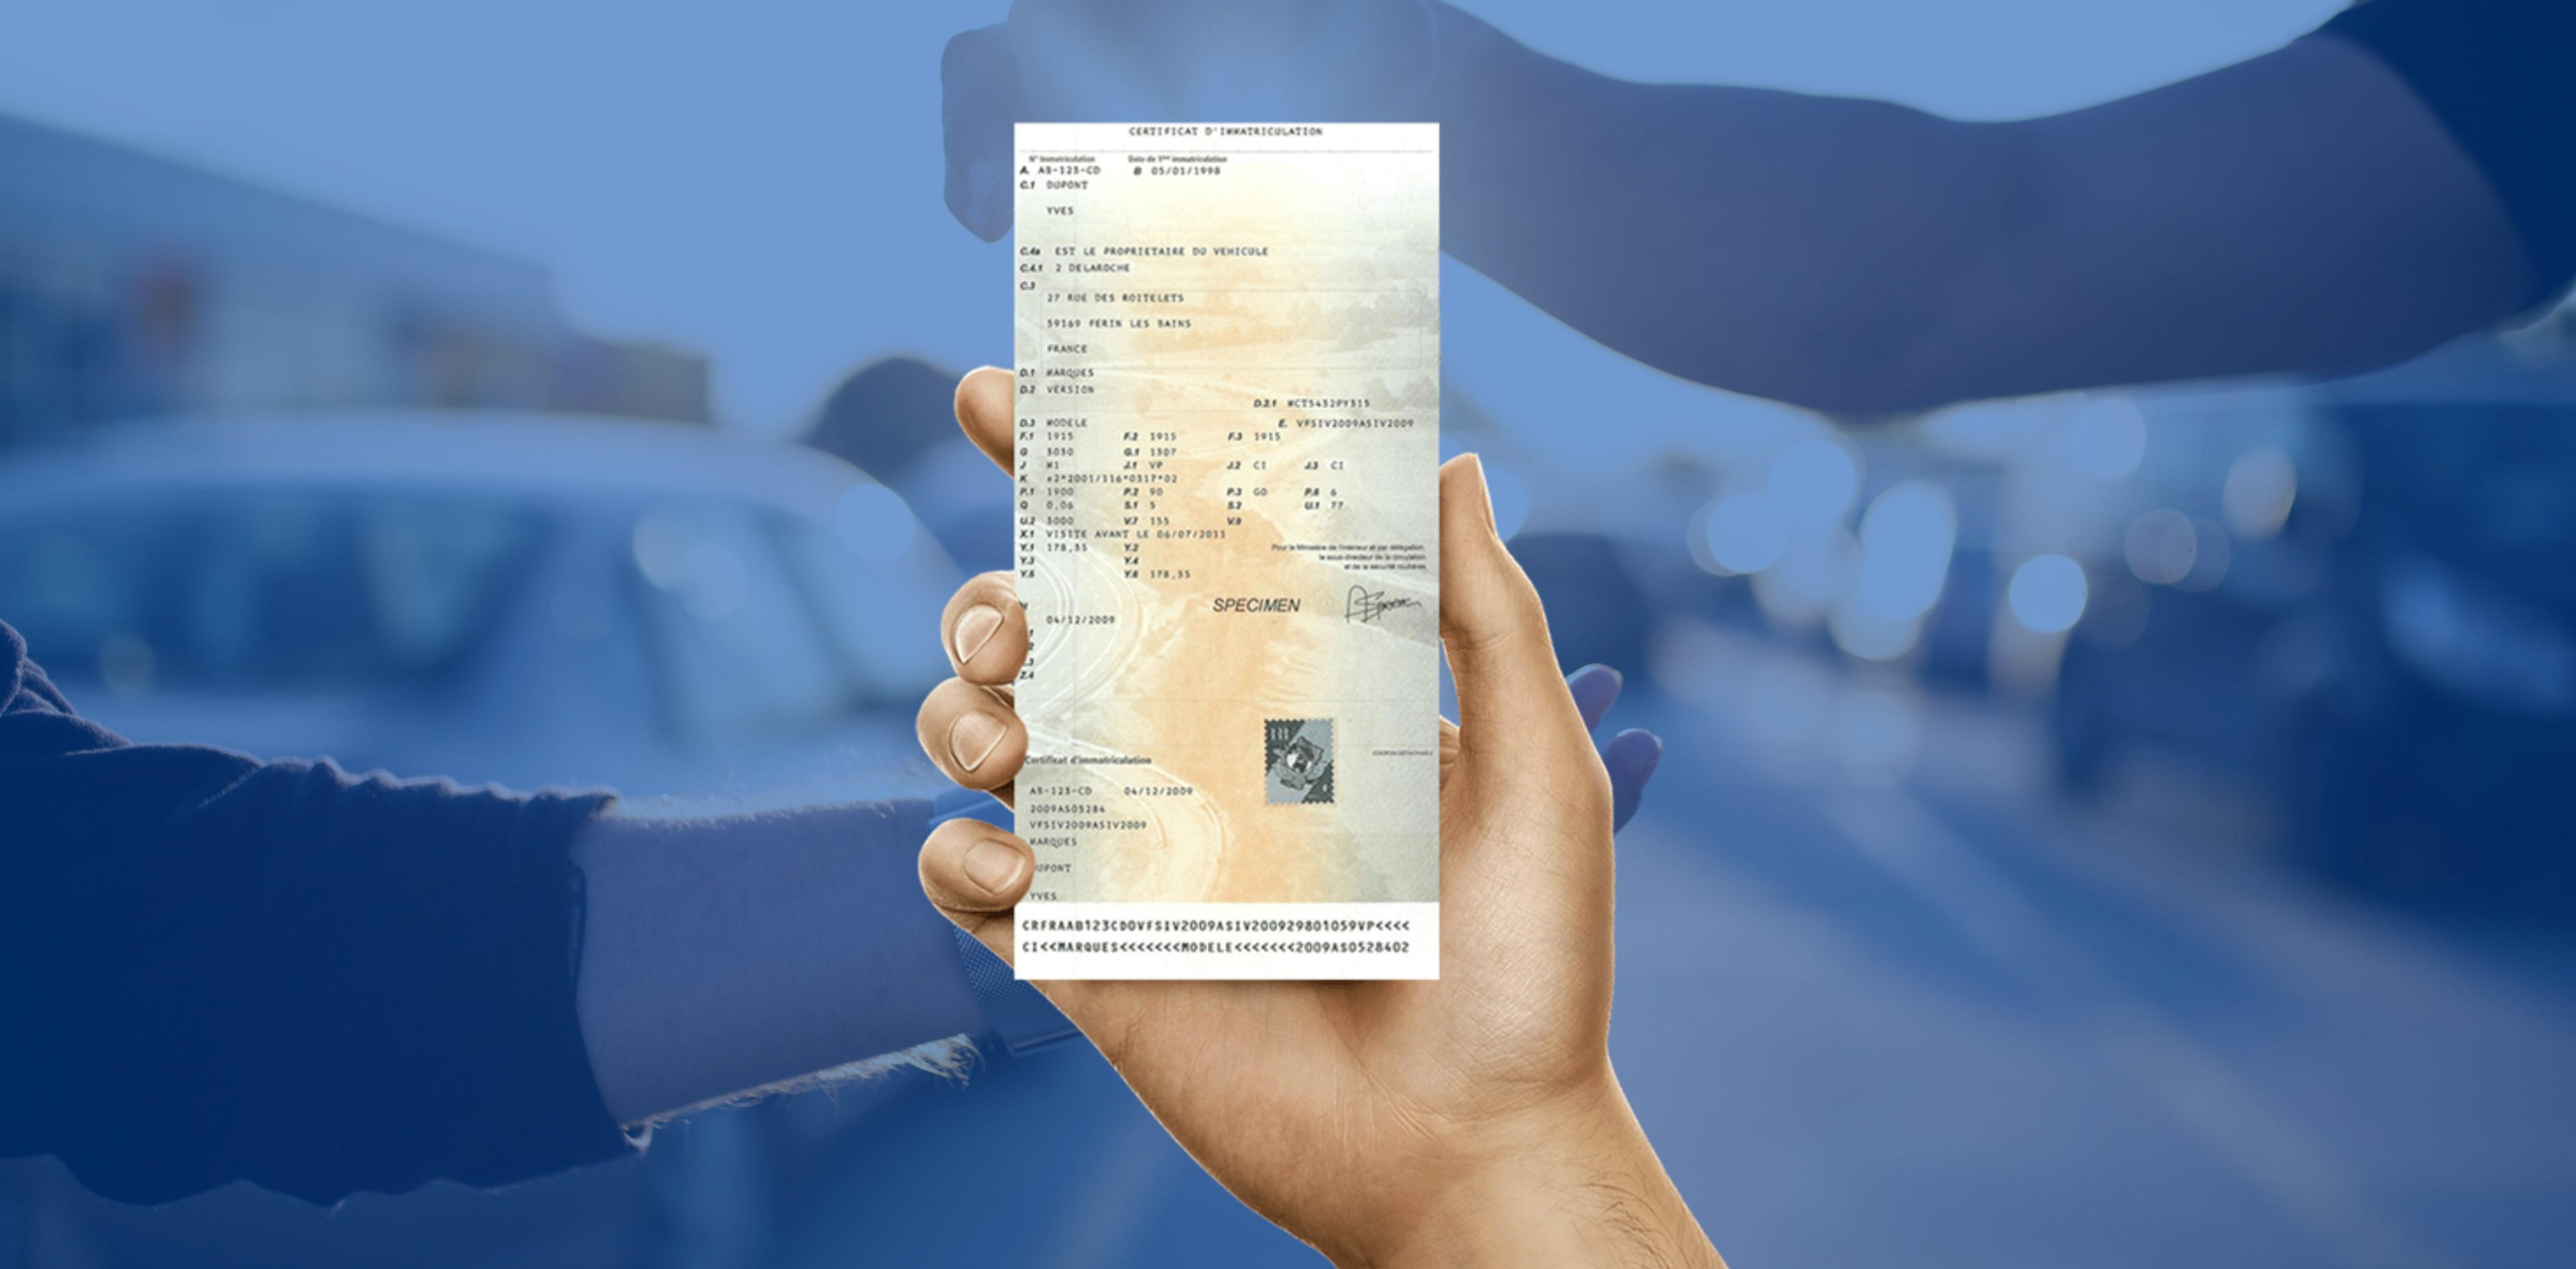 Changement titulaire carte grise